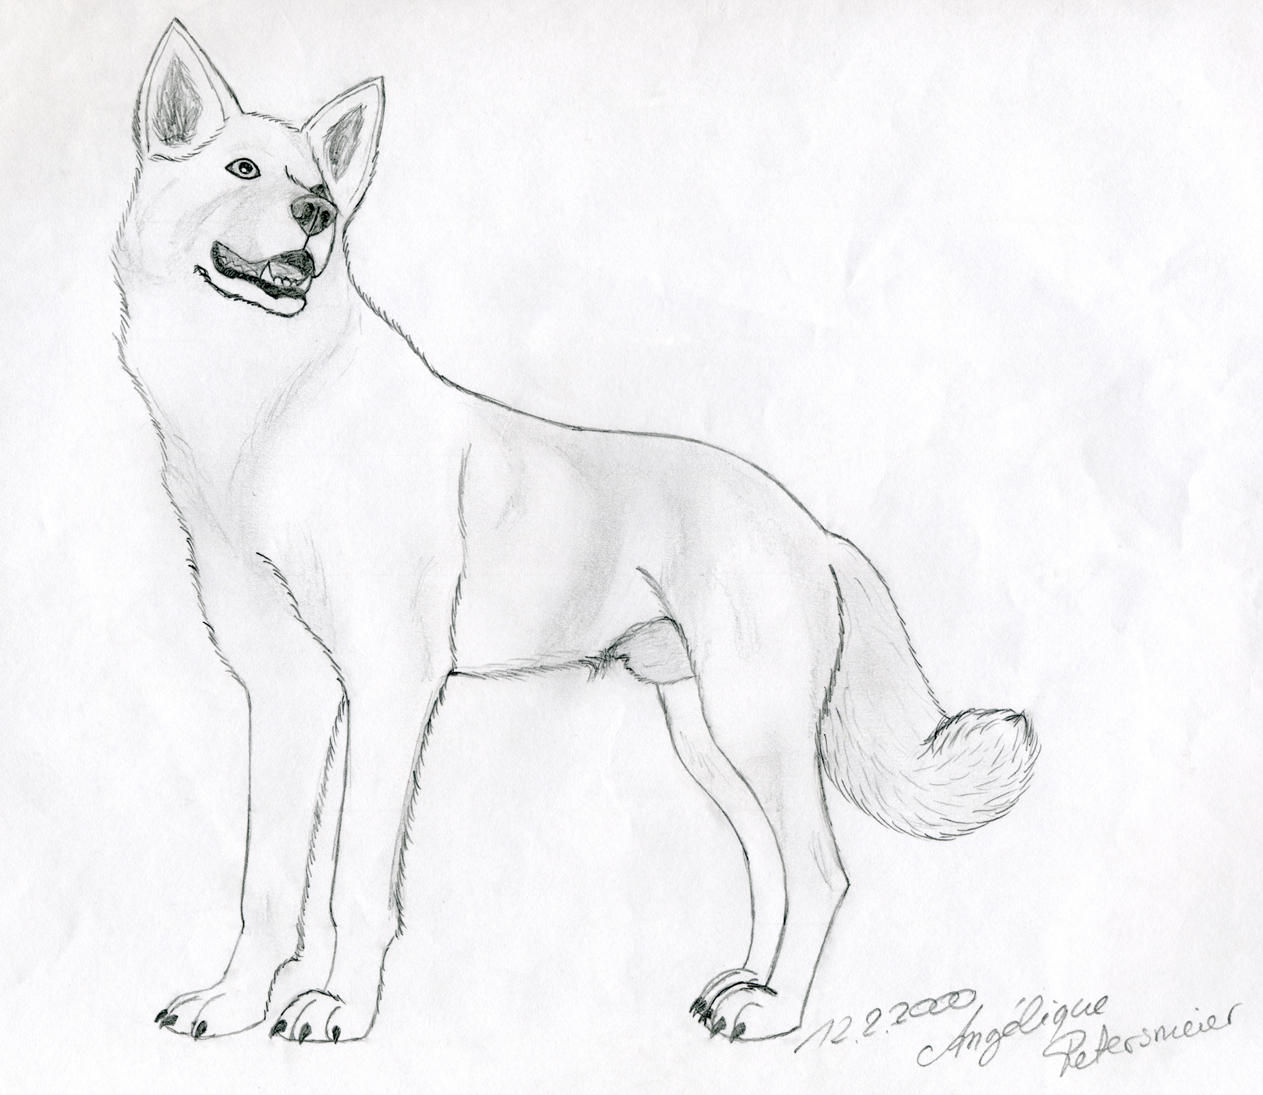 Alaskan Husky by bijaihd on DeviantArt